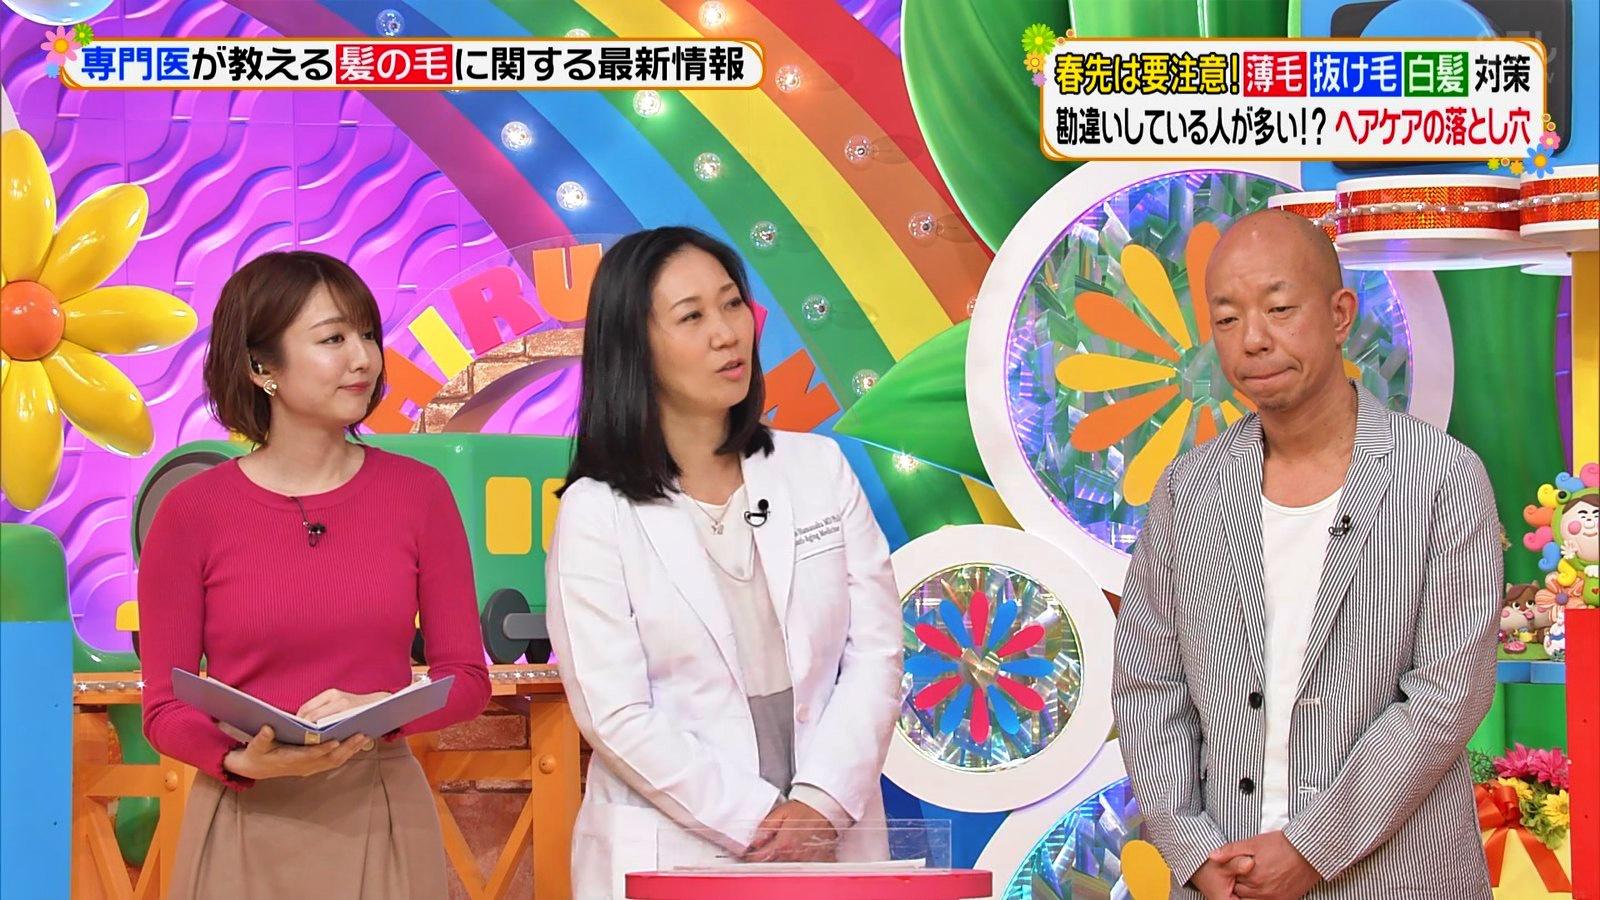 2019年3月18日「ヒルナンデス!」滝菜月さんのテレビキャプチャー画像-039